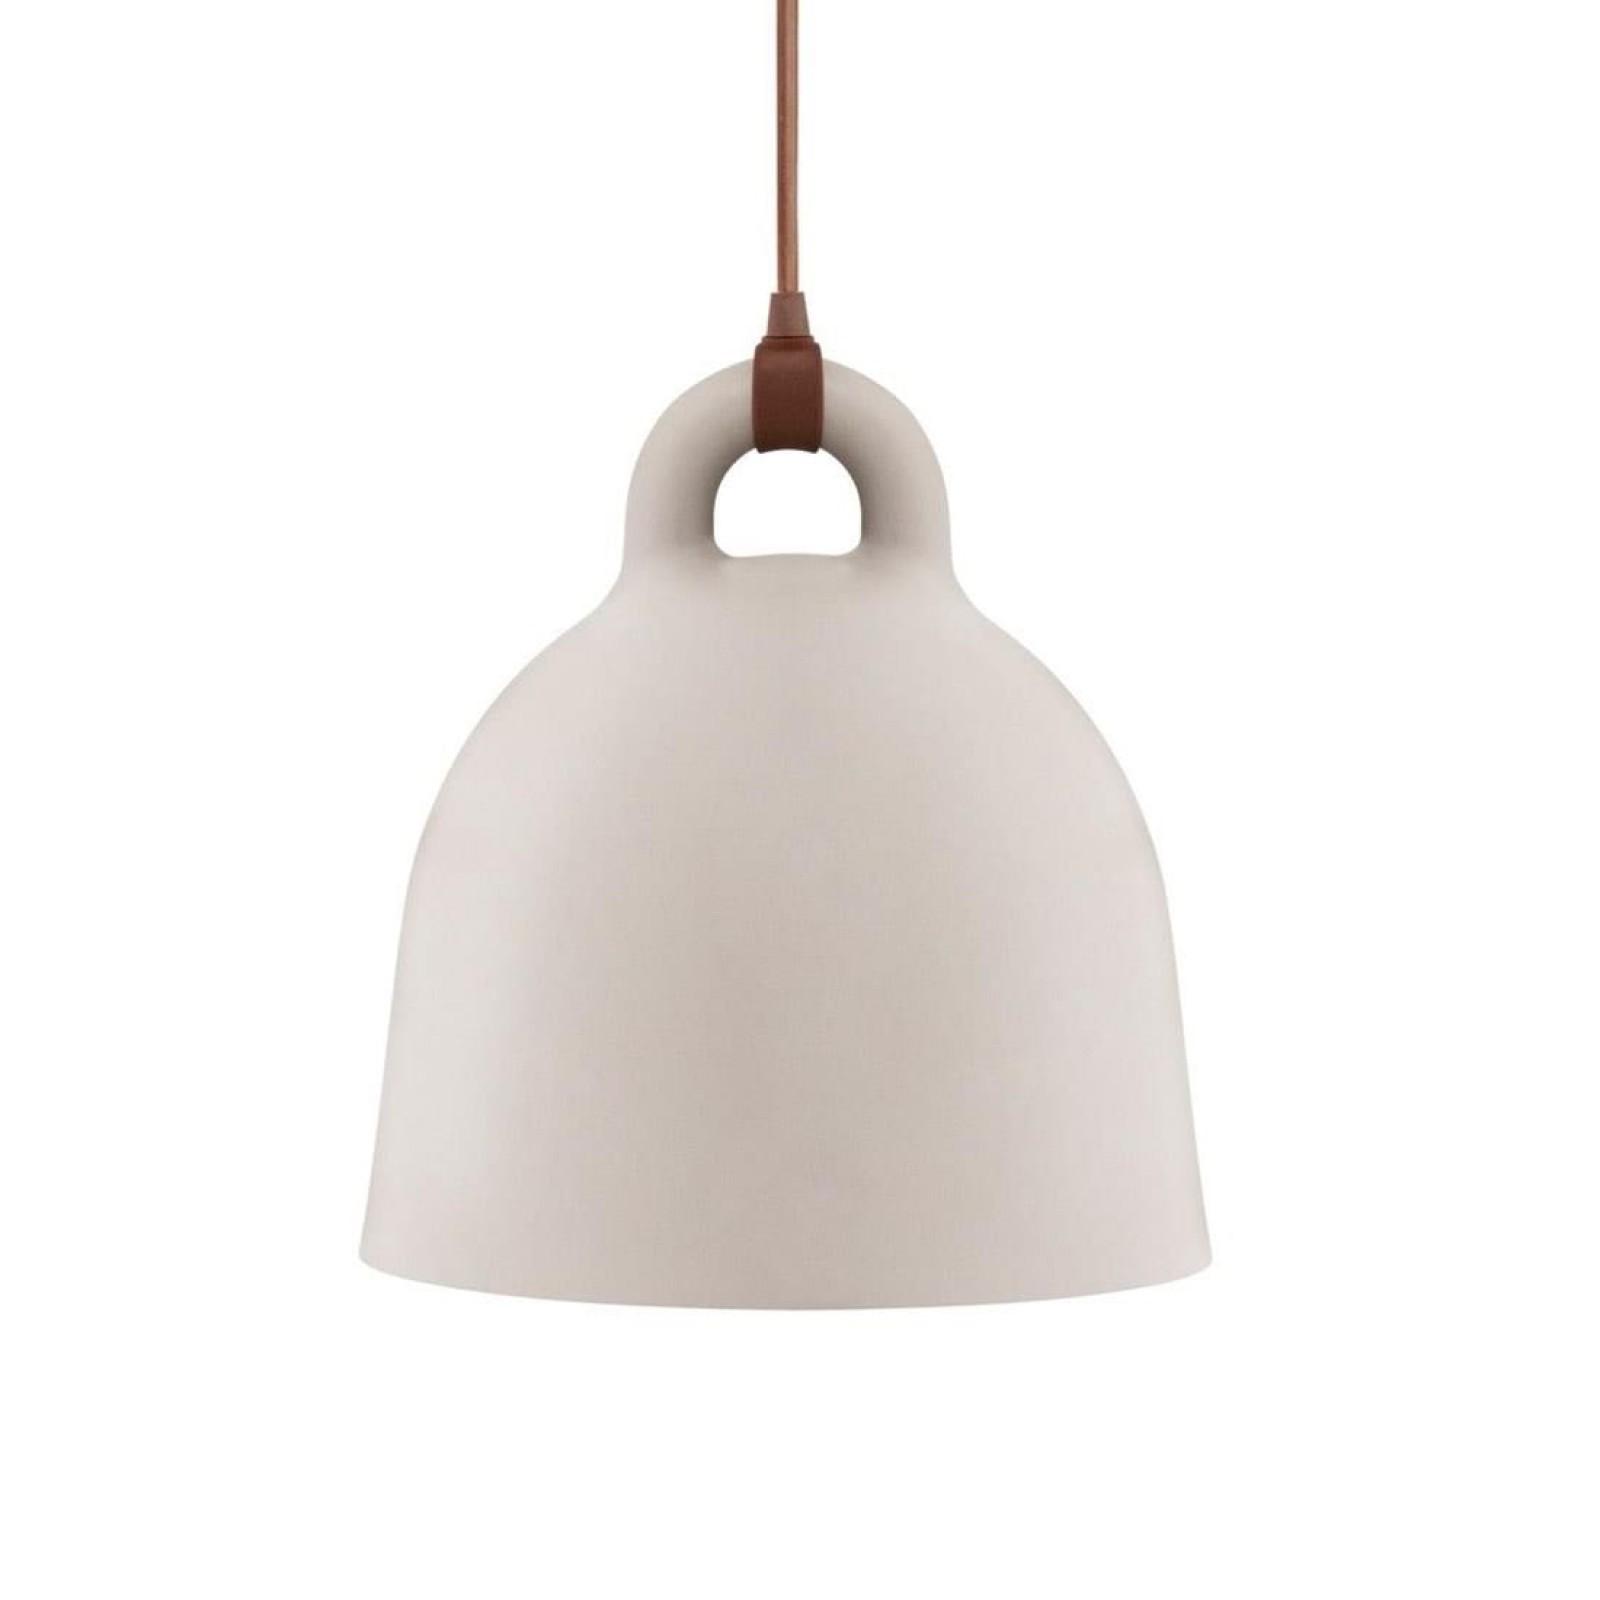 Φωτιστικό Οροφής Bell Large (Μπεζ) - Normann Copenhagen